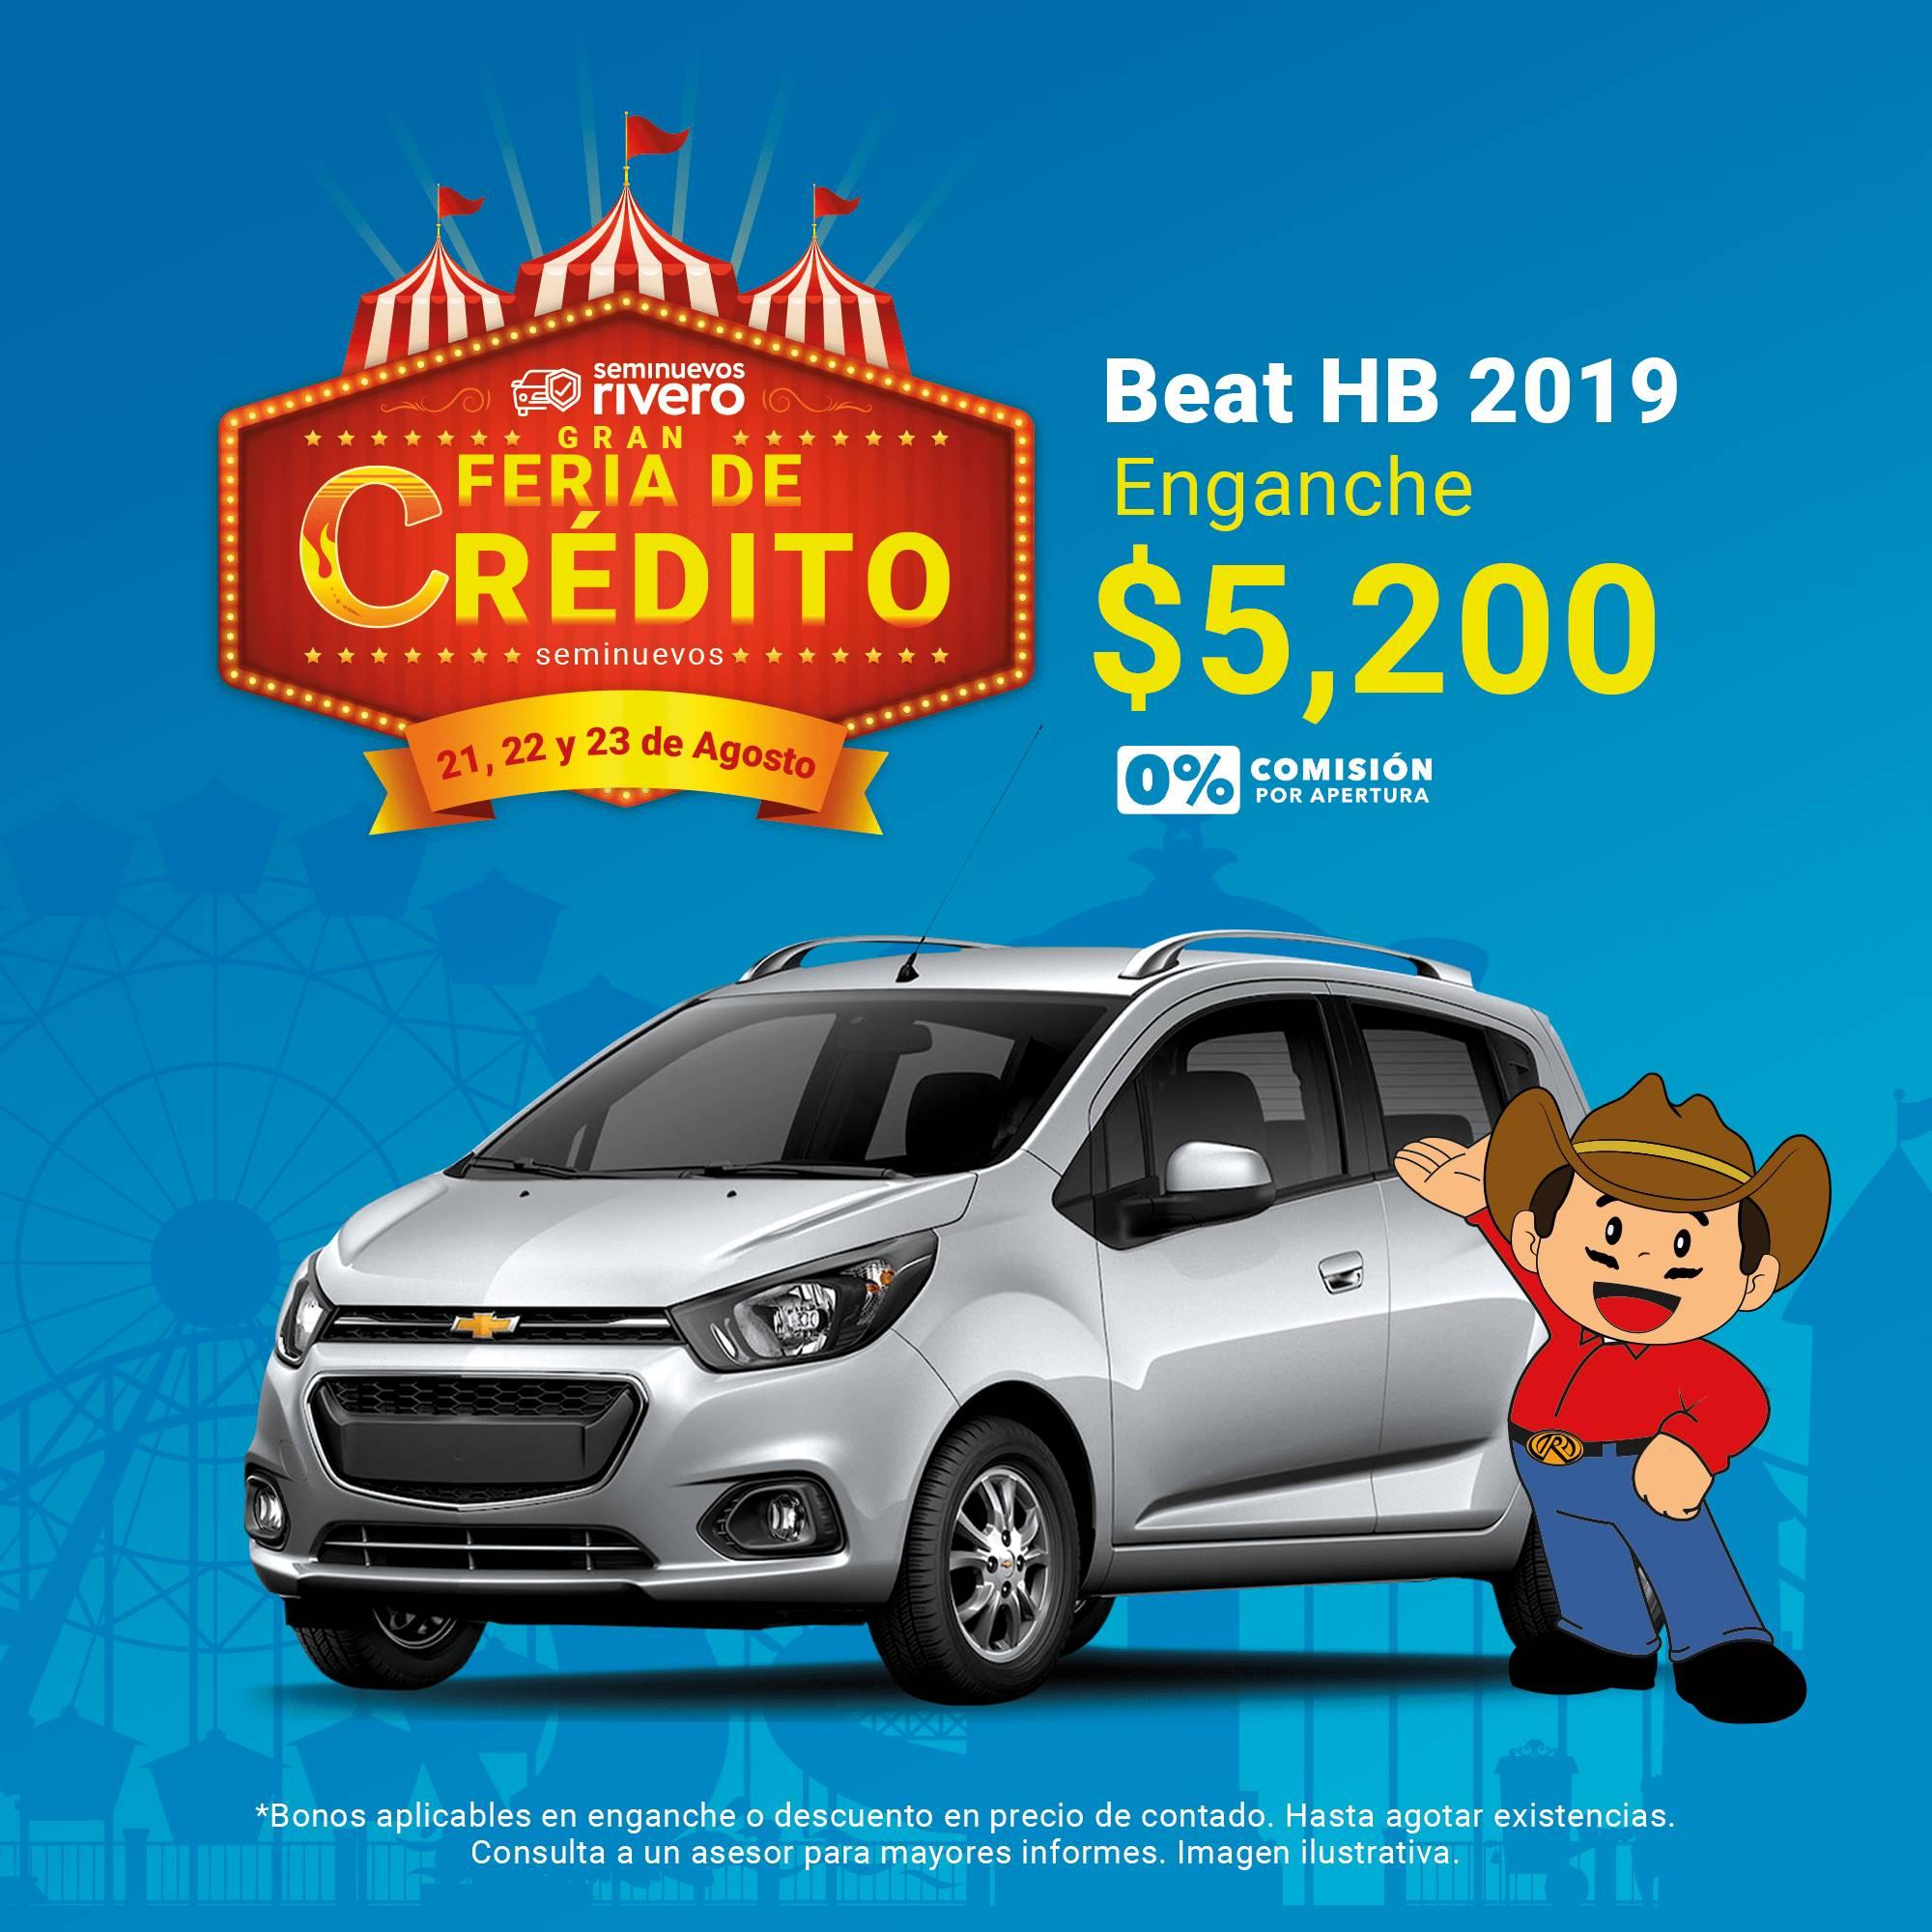 AUTOS SEMINUEVOS MONTERREY Feria de credito, Promocion CHEVROLET BEAT HB 2019